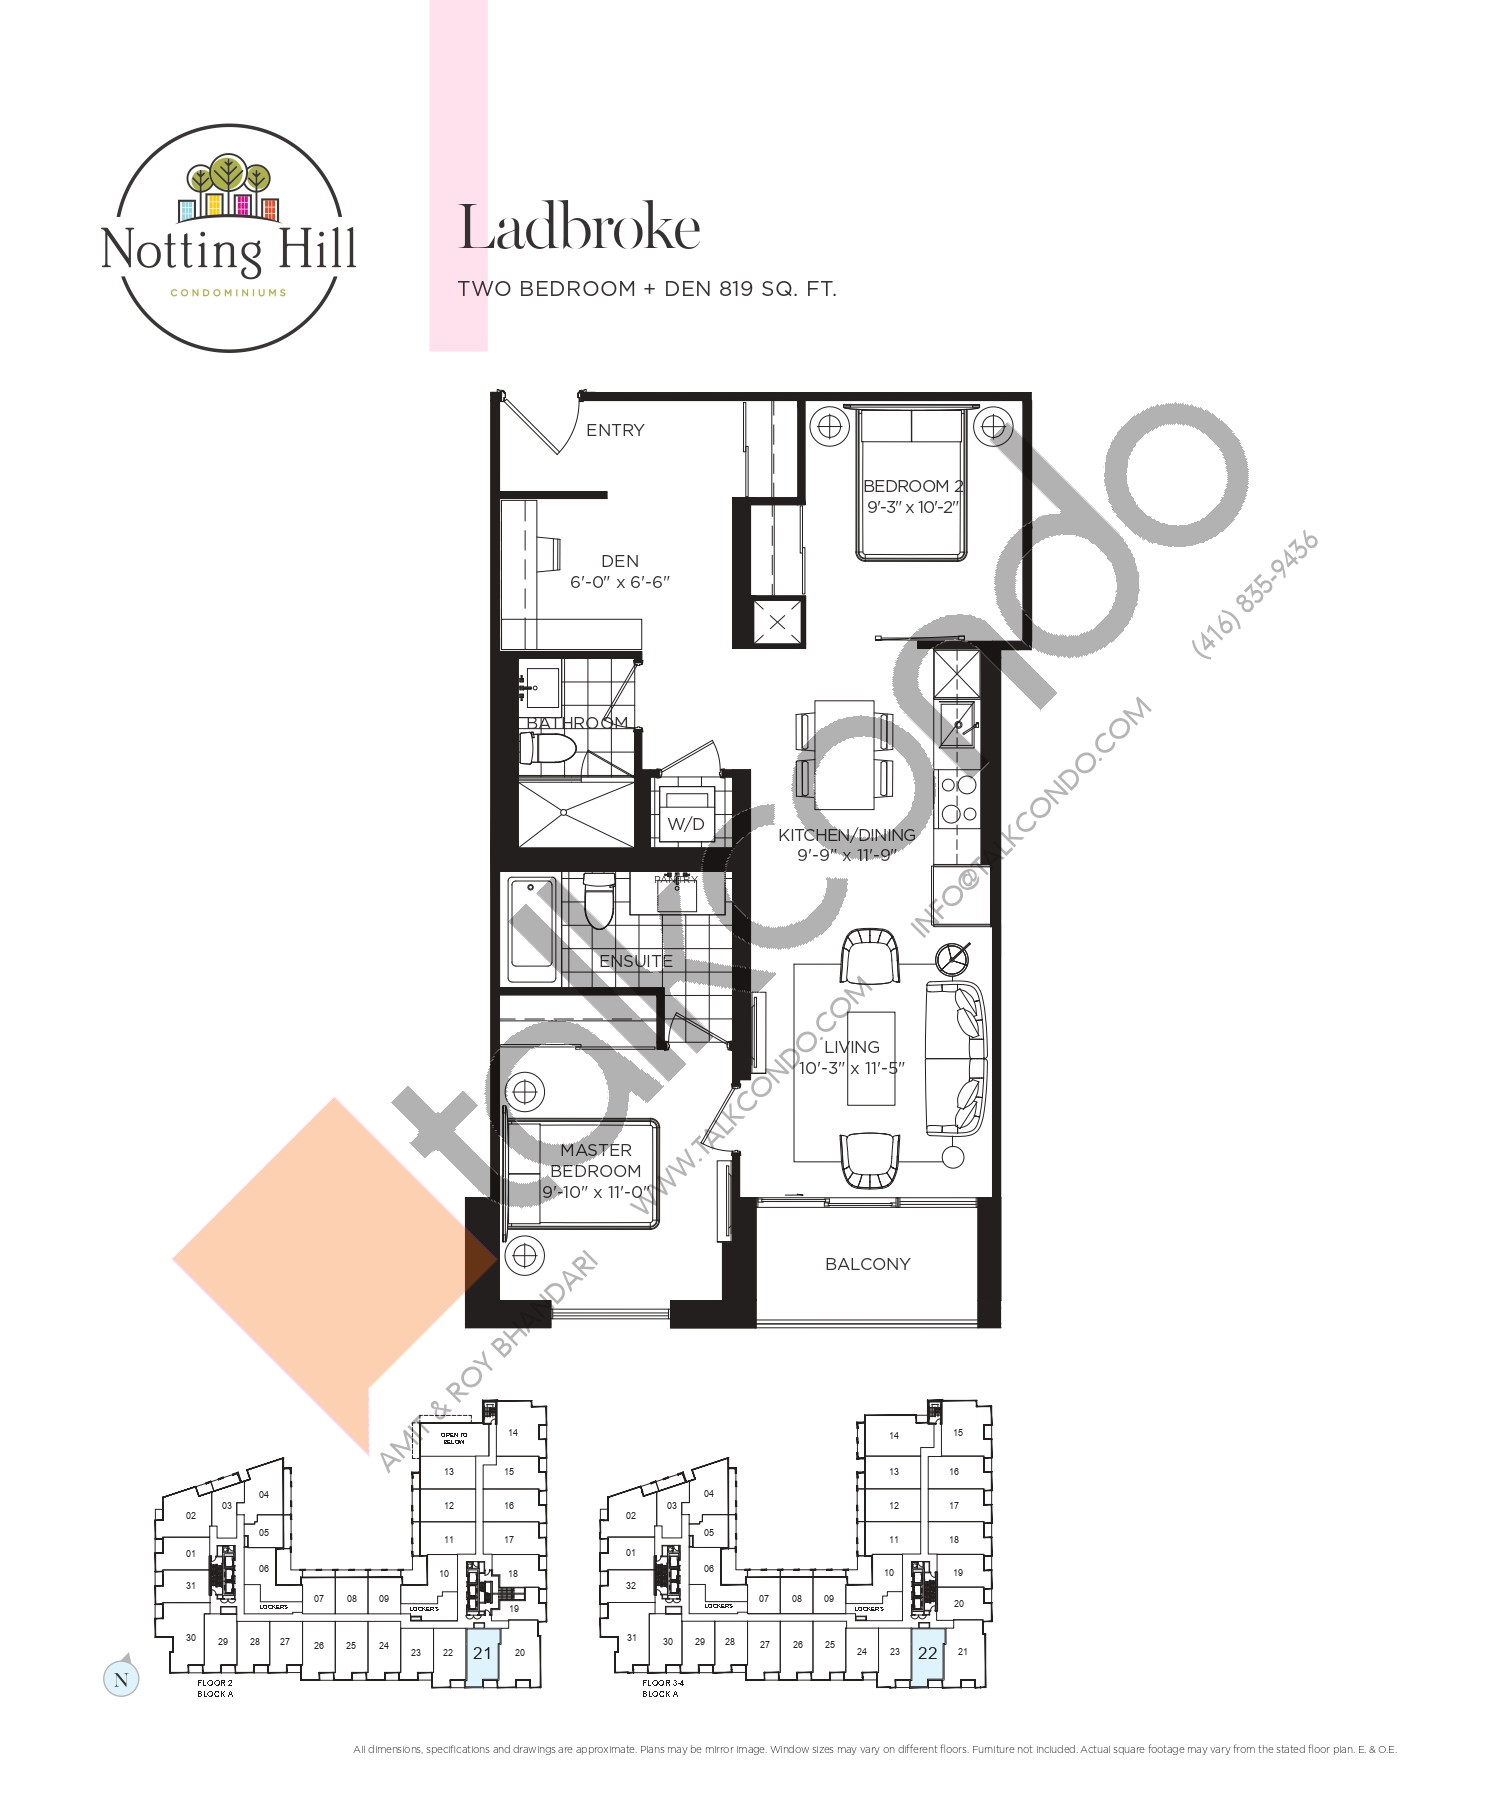 Ladbroke Floor Plan at Notting Hill Phase 2 Condos - 819 sq.ft